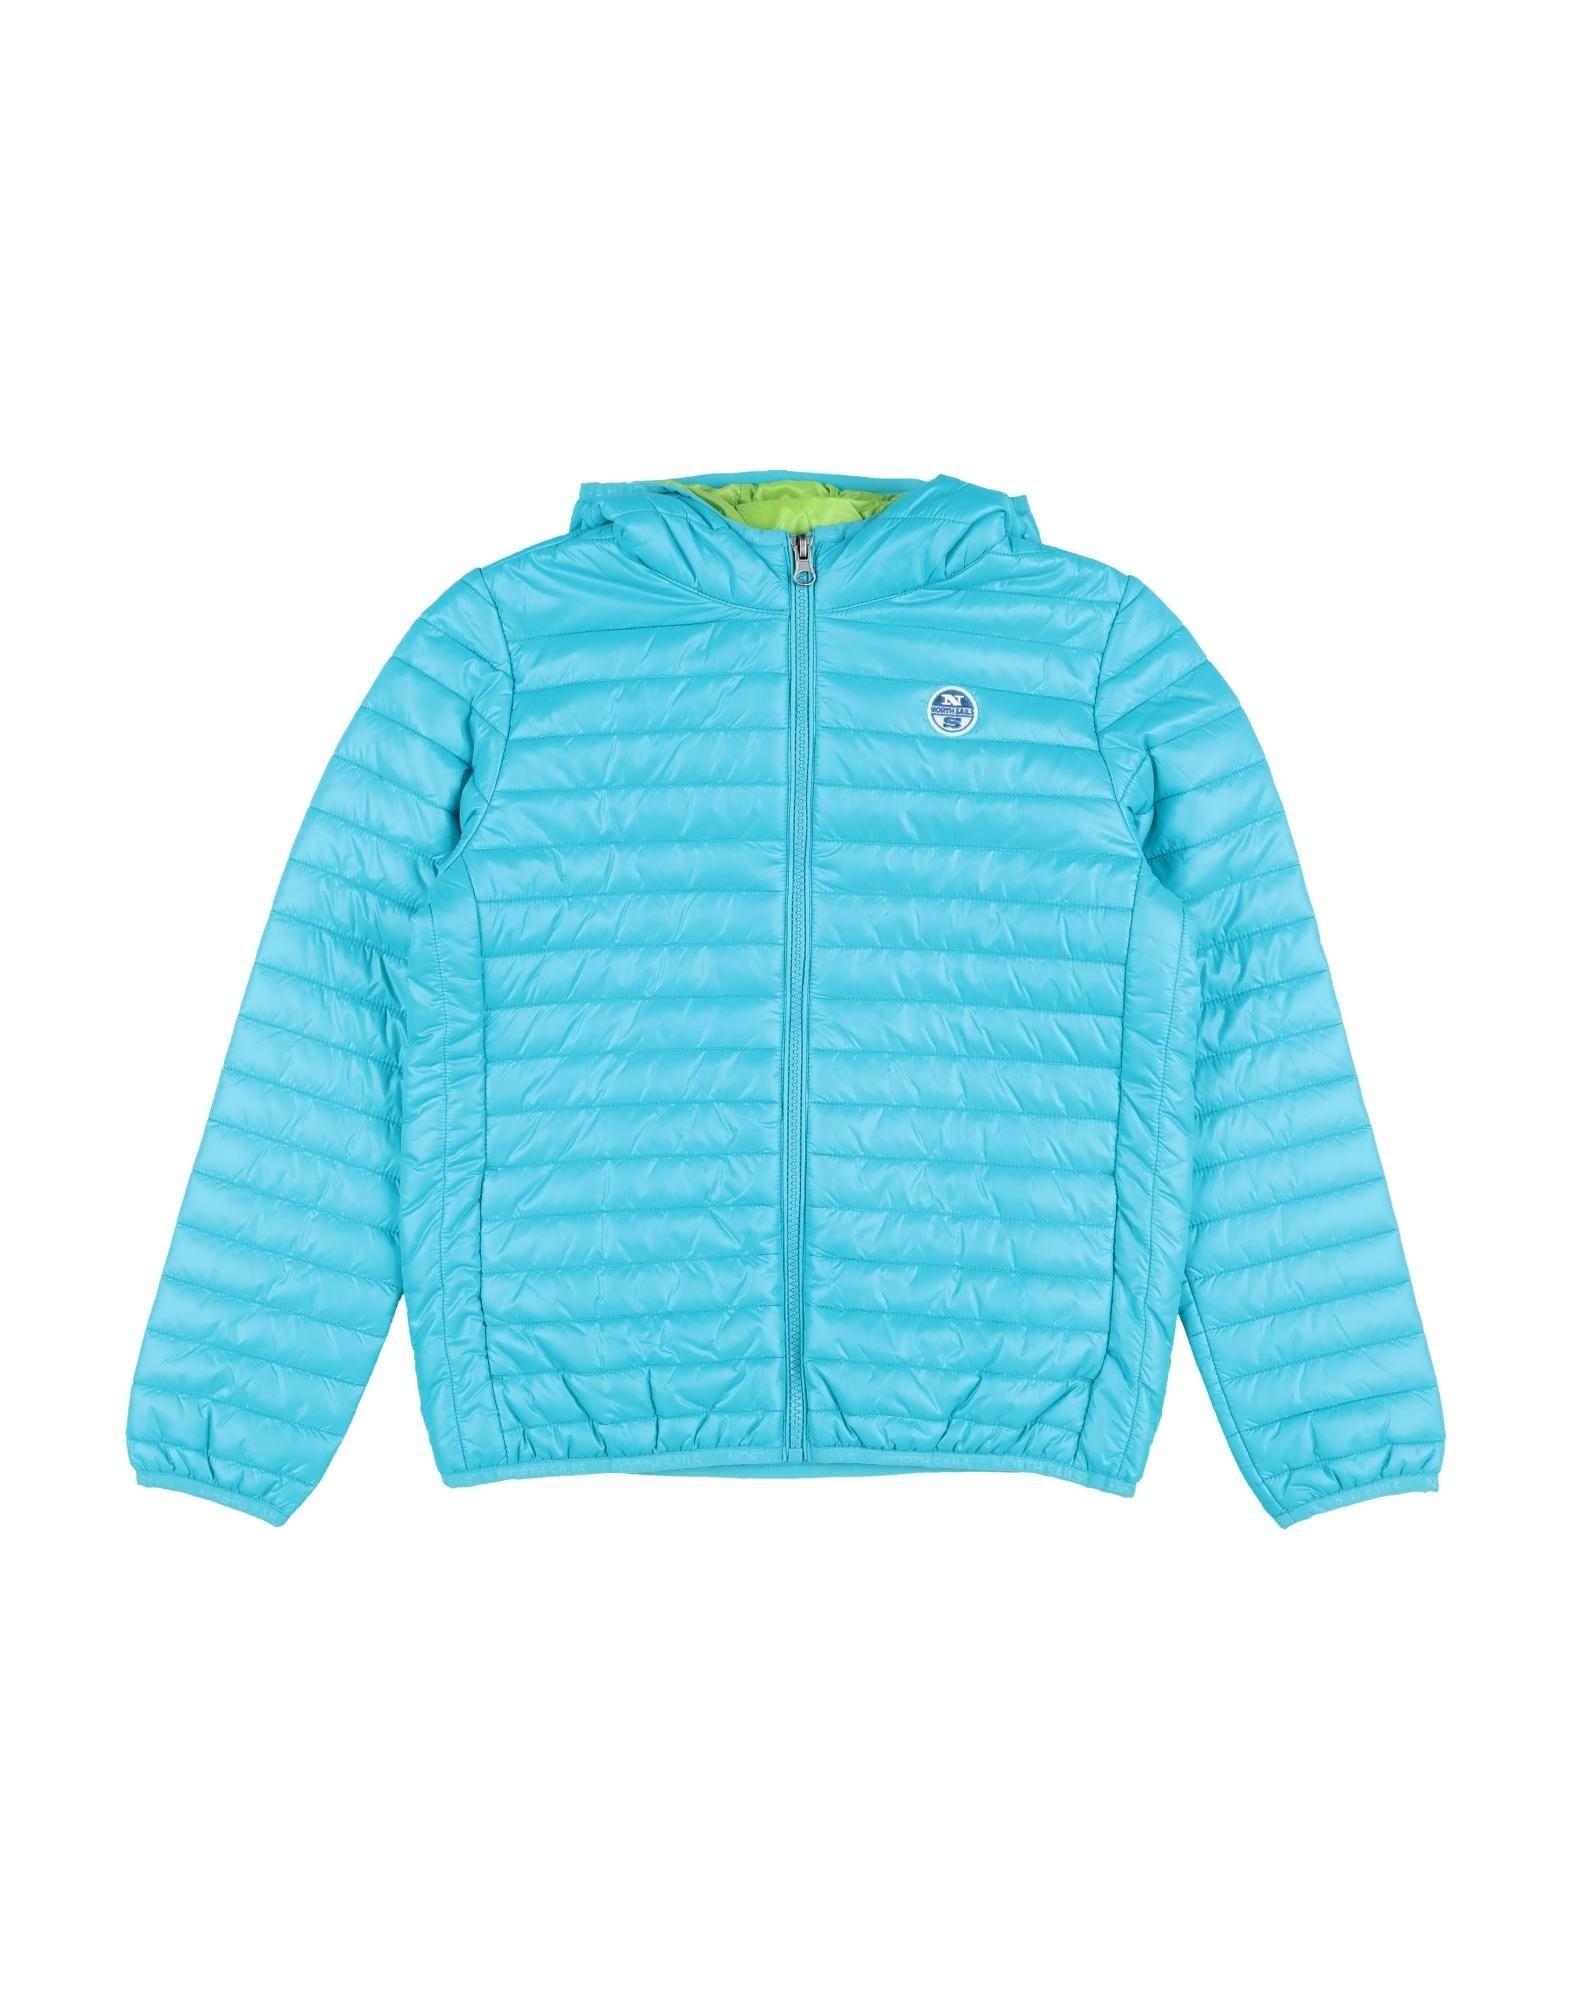 YOOX.COM(ユークス)《セール開催中》NORTH SAILS ボーイズ 3-8 歳 合成繊維中綿アウター ターコイズブルー 6 ナイロン 100%